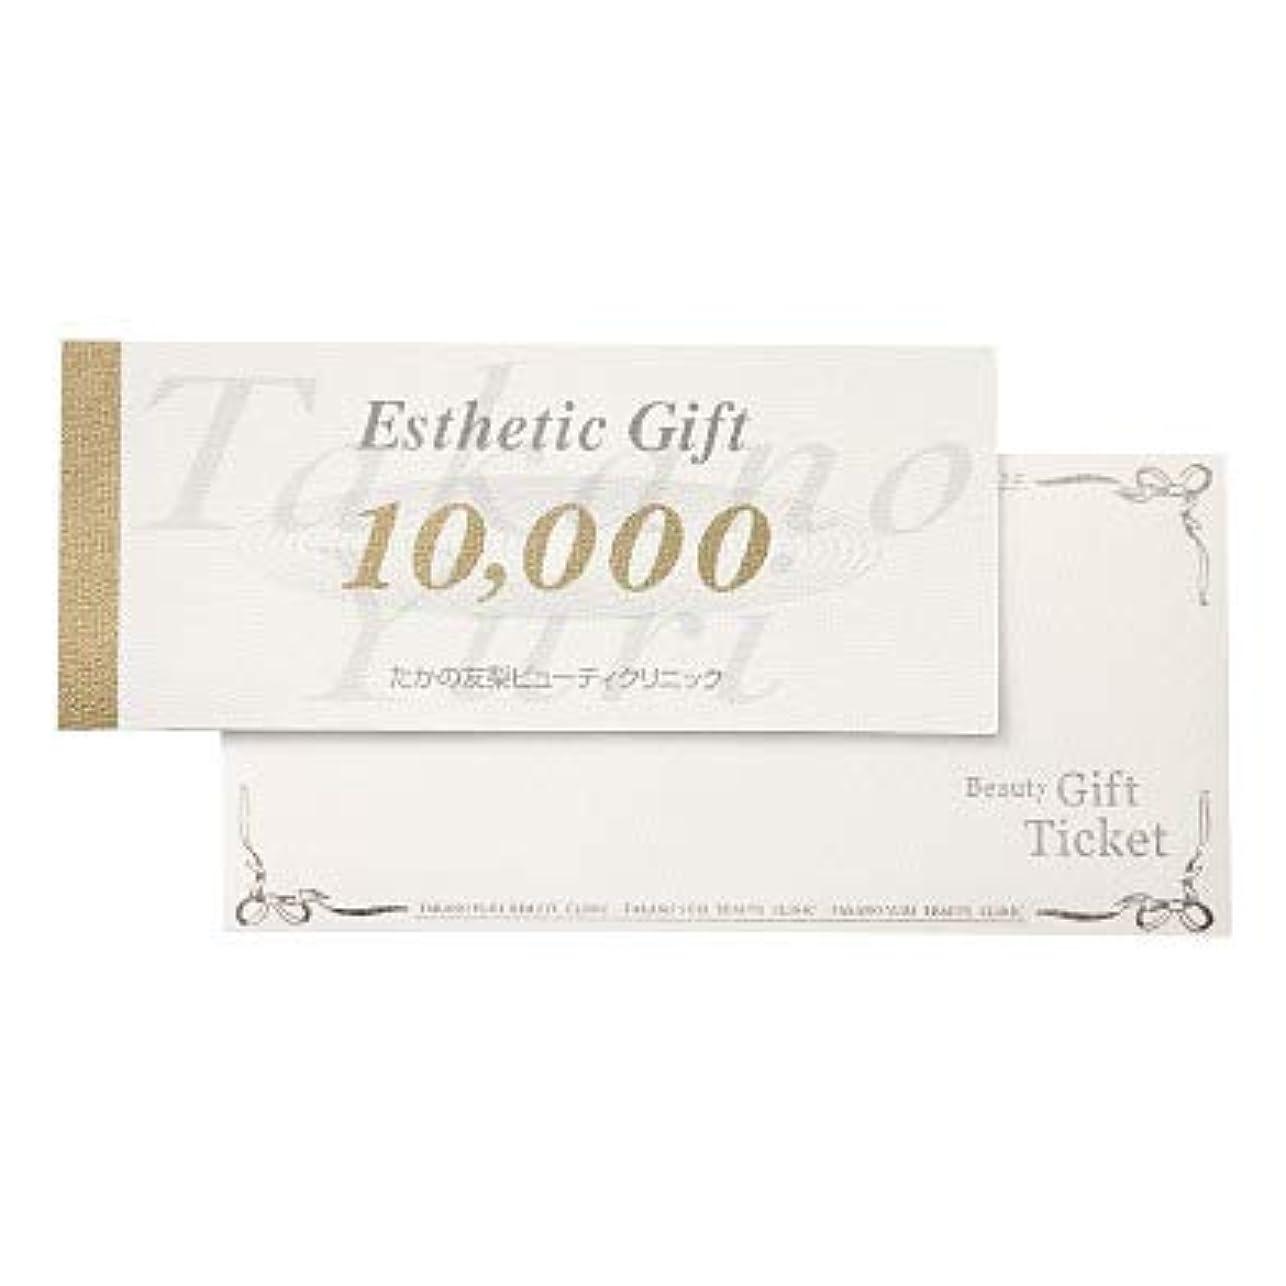 風変わりなコーヒーマーカー10,000円エステティックギフトチケット